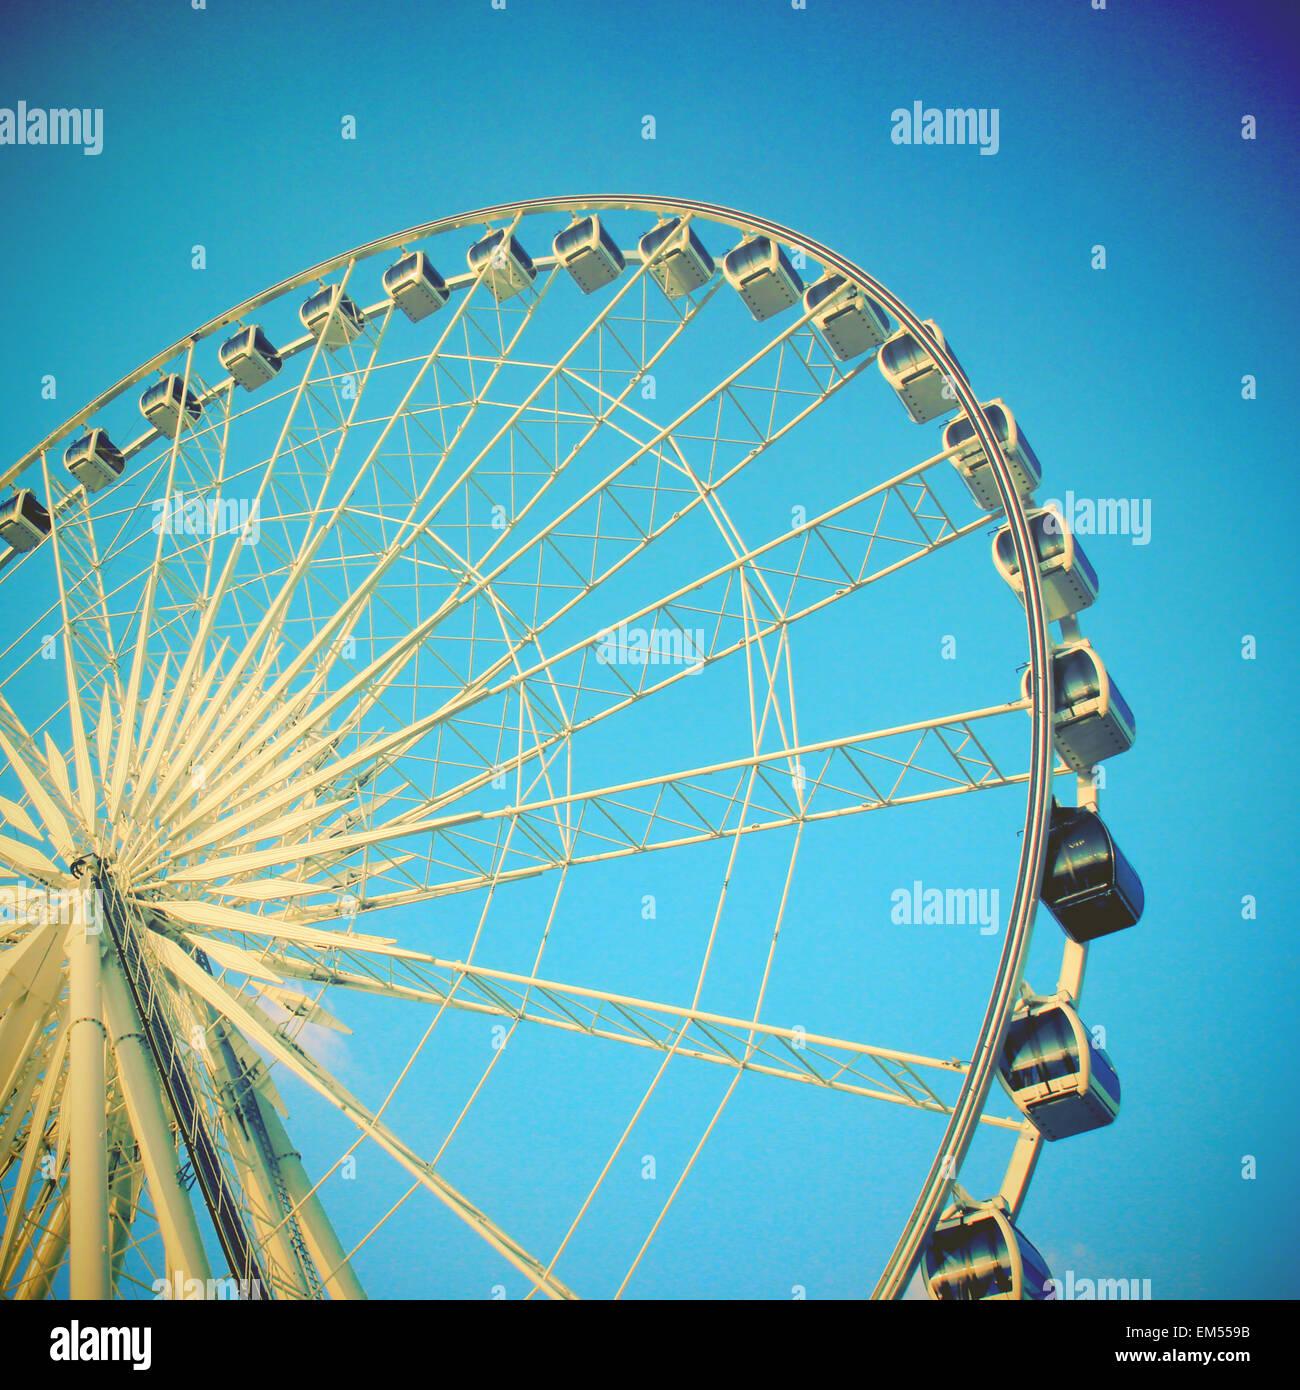 Riesenrad mit Filterwirkung Stockbild